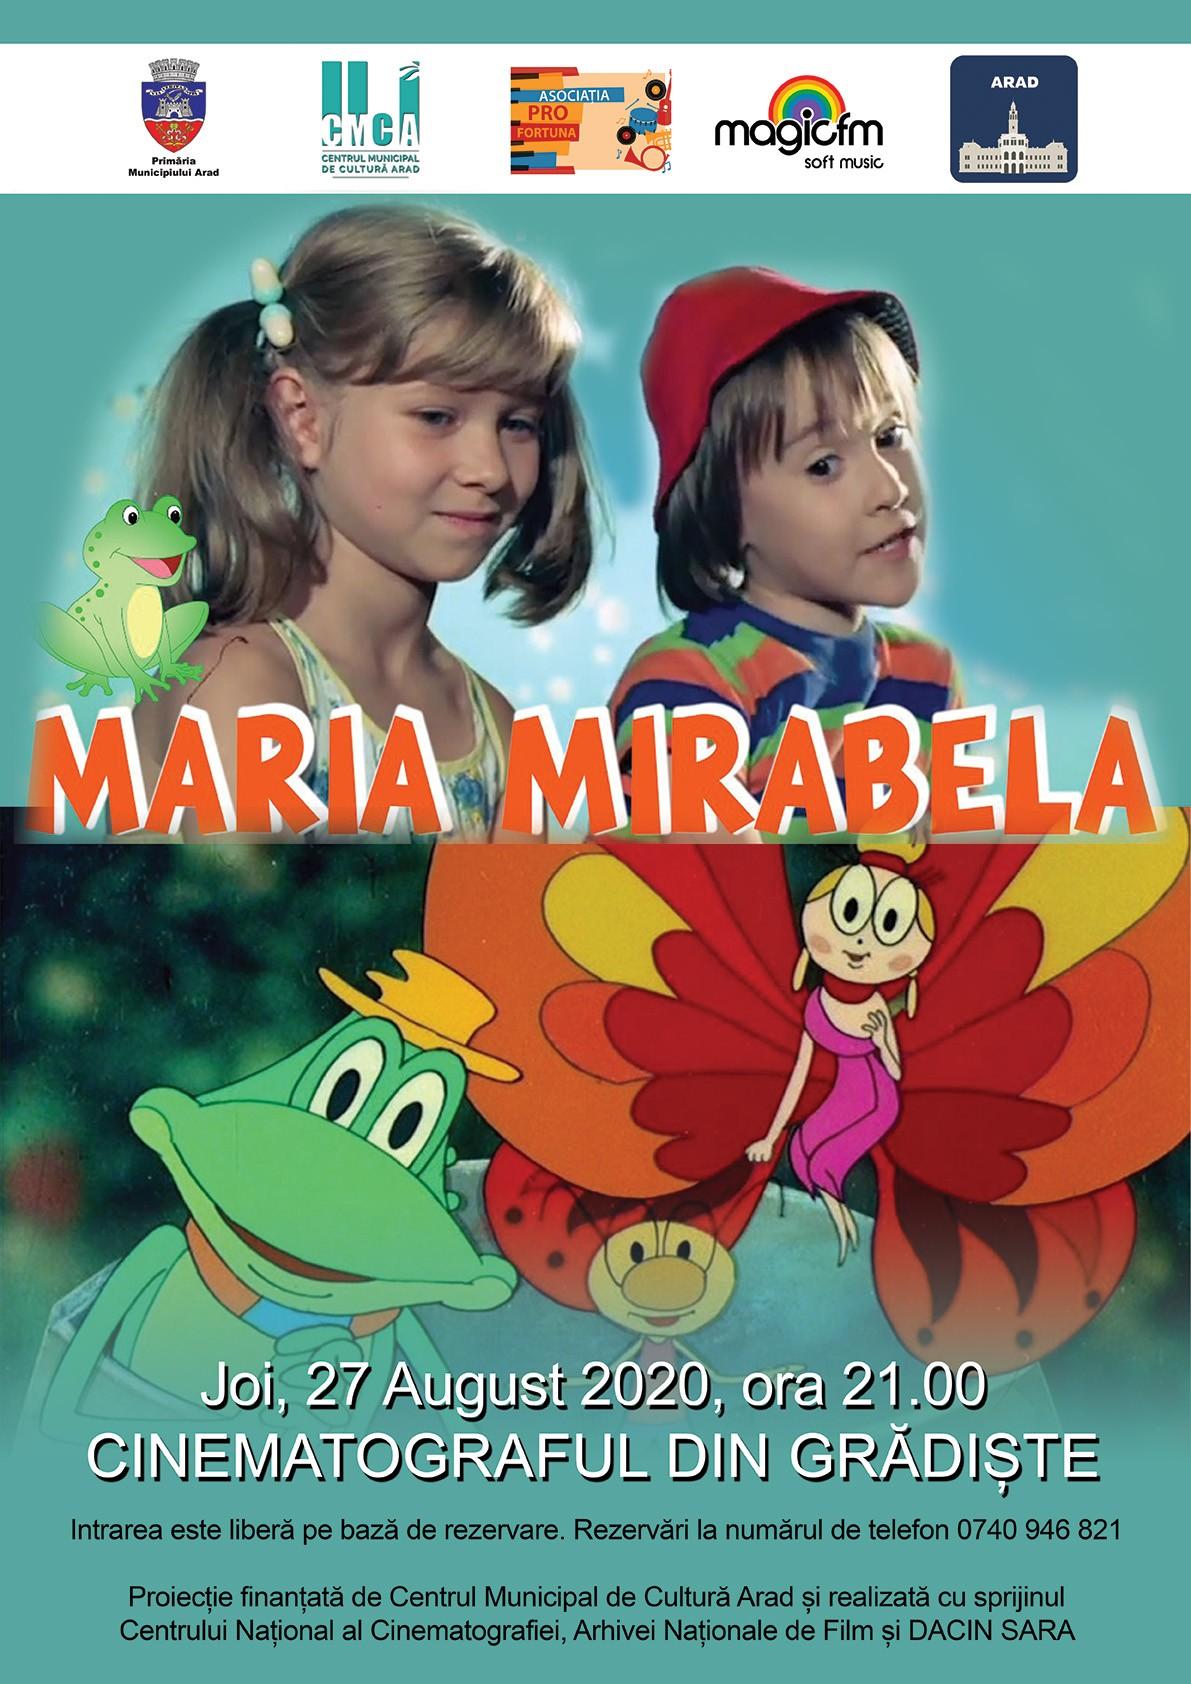 """Filmul """"Maria Mirabela"""", în grădina de vară de la cinematograful din Grădiște"""